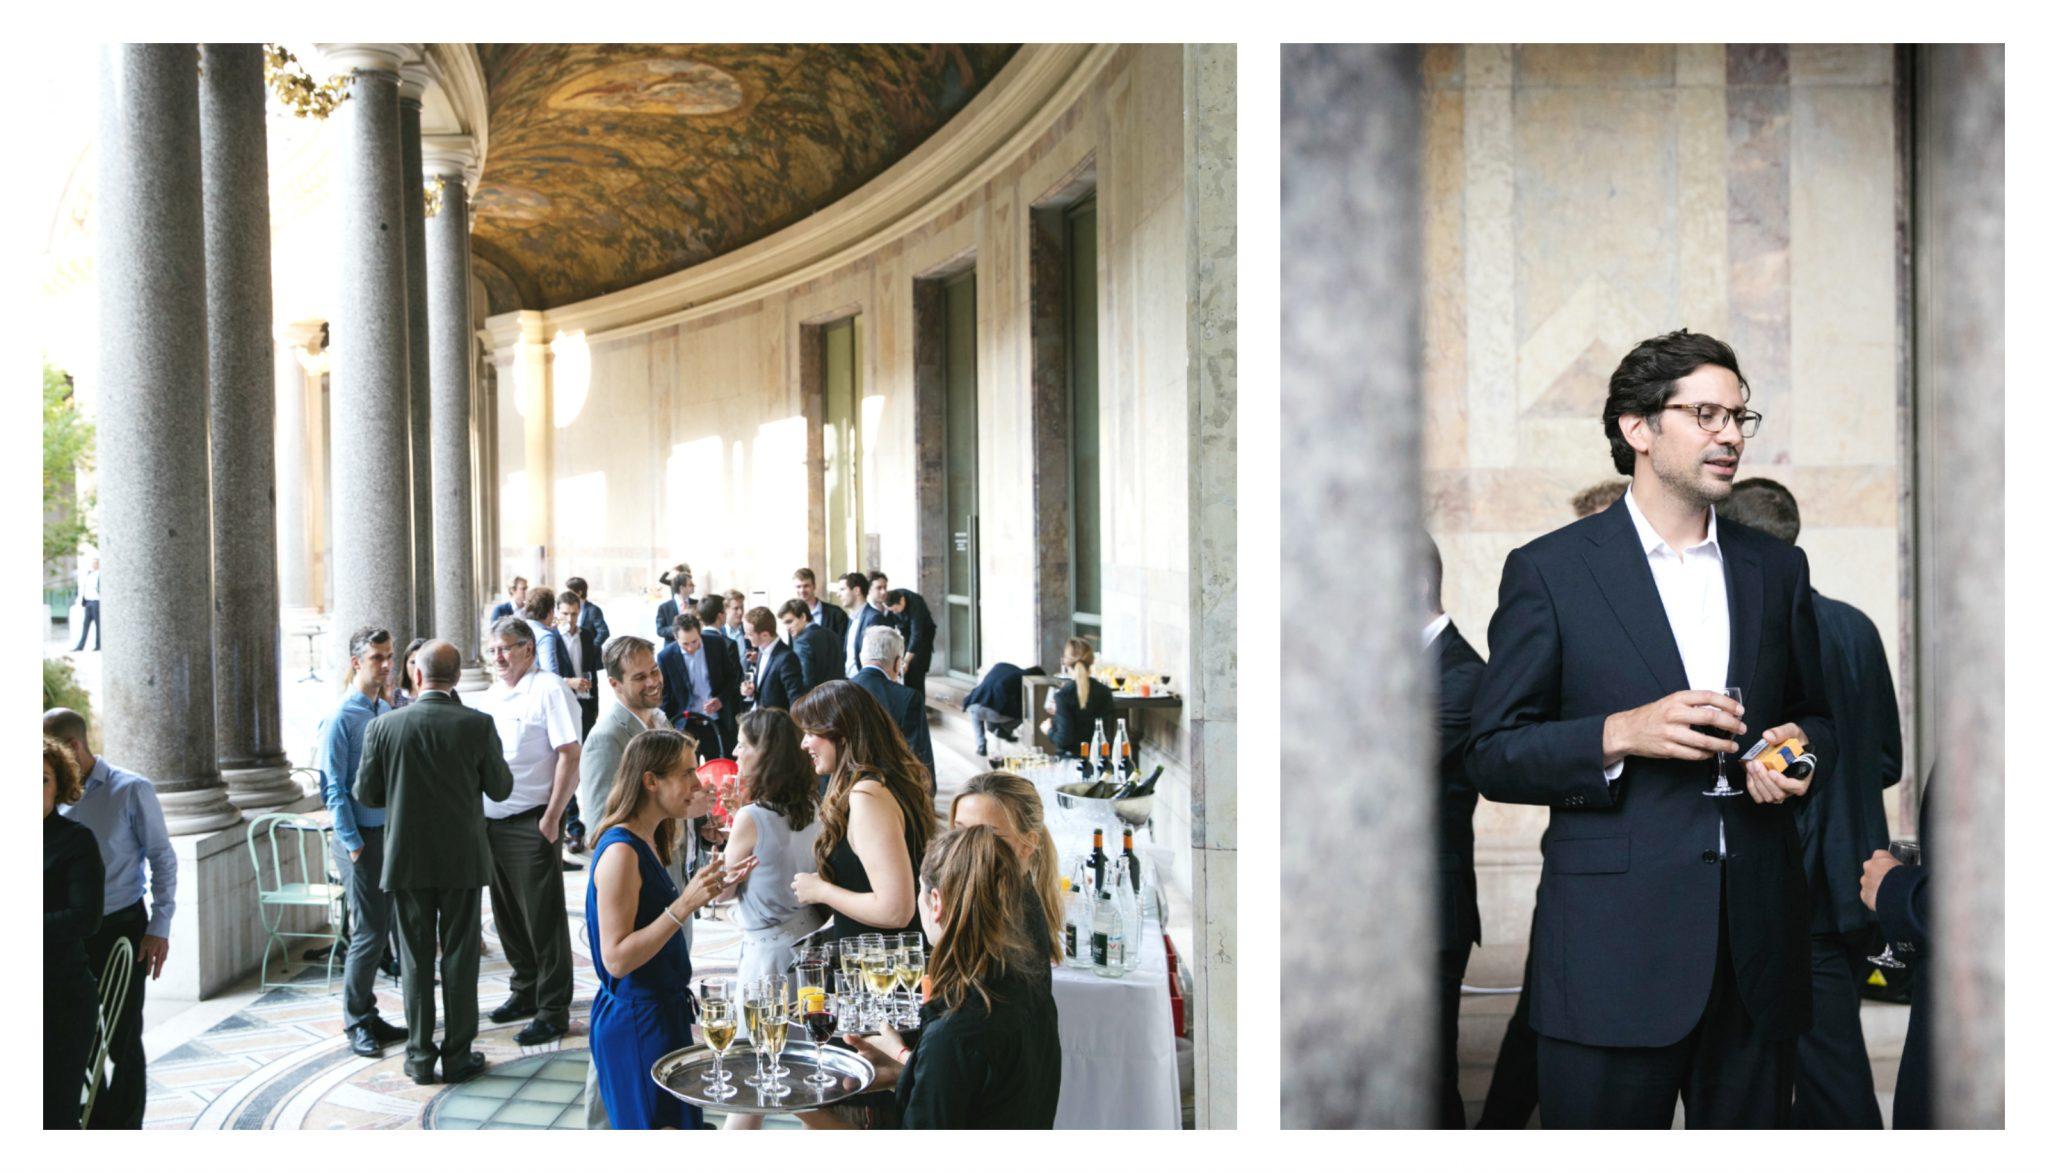 petit palais collage 13 UpSlide & Finance 3.1 at Petit Palais